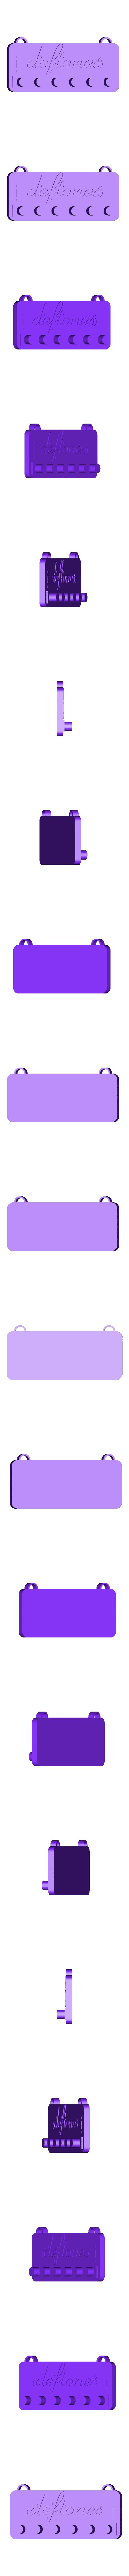 deftones pared.STL Download STL file Deftones key holder • 3D print object, impresiones_bb_3d